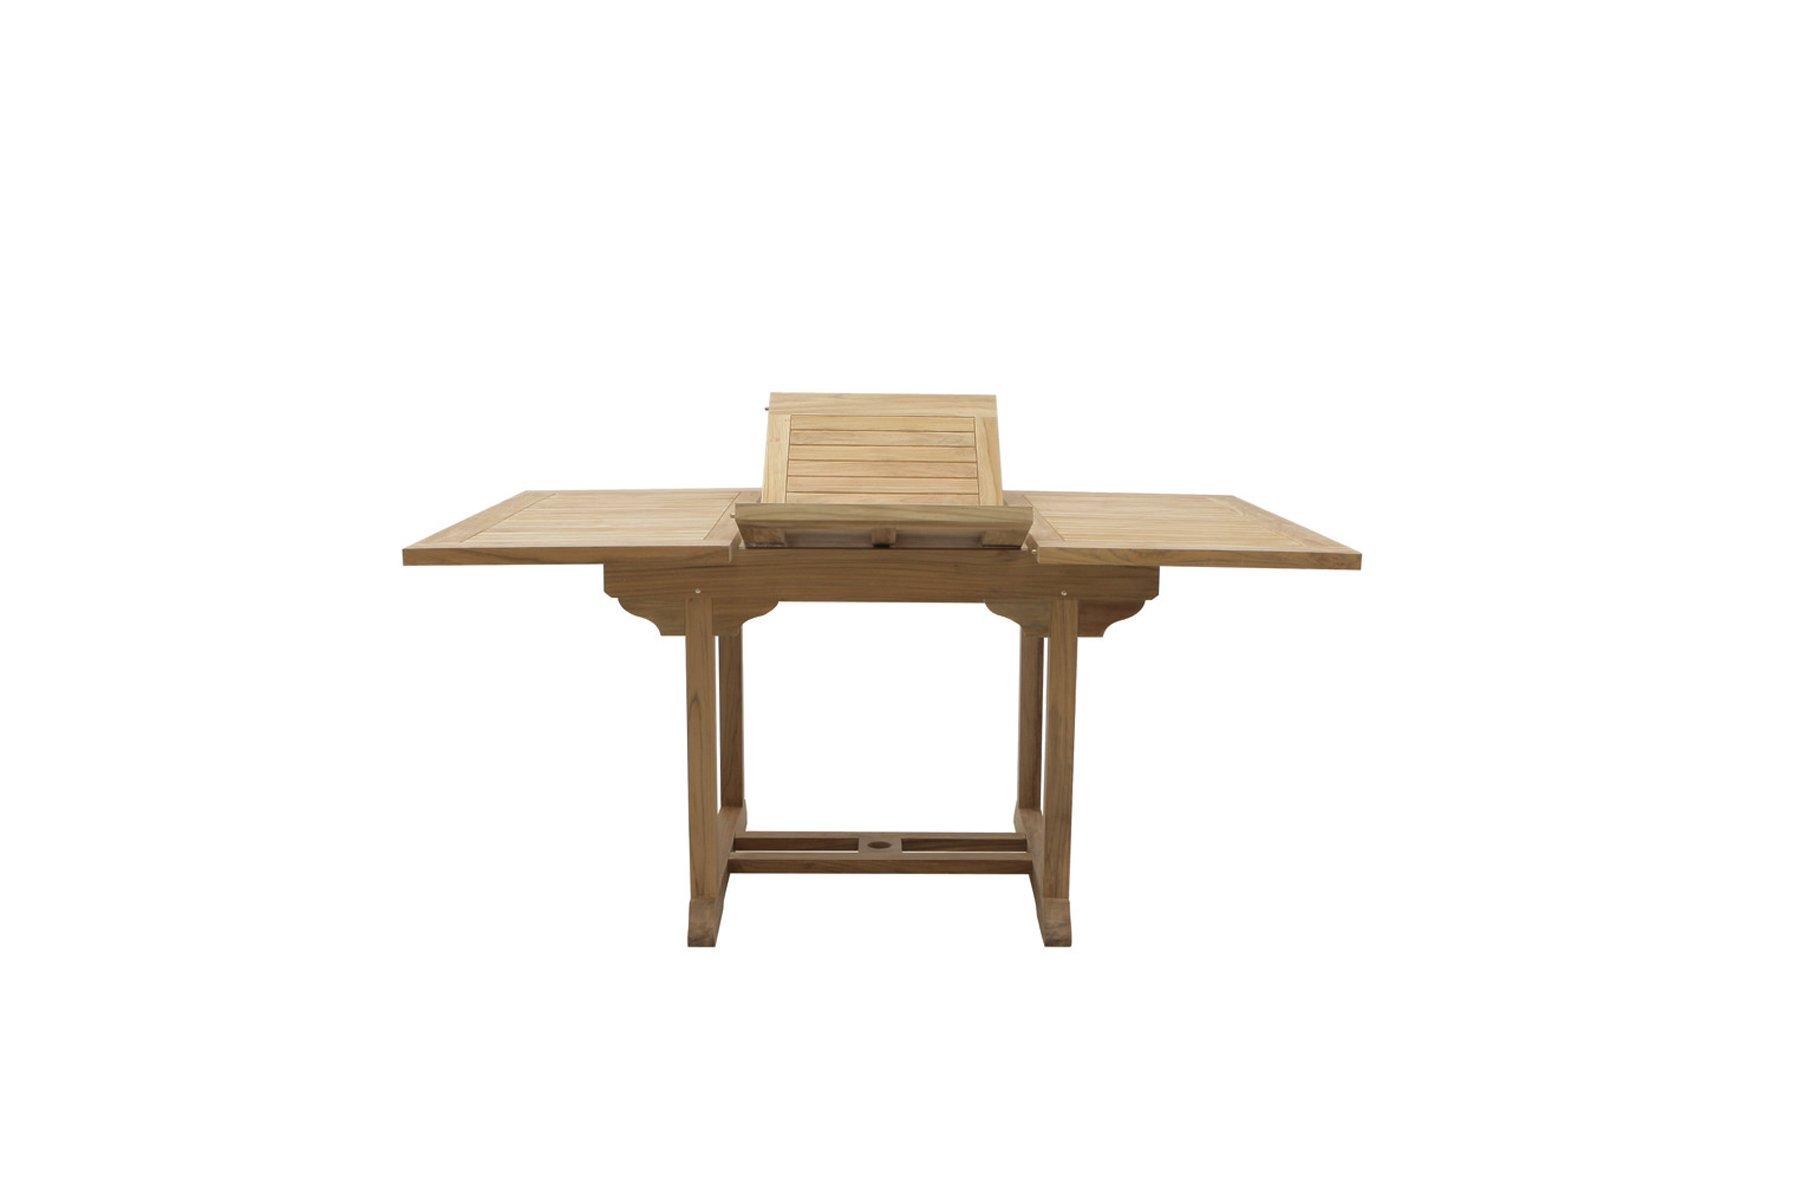 Tavolo Rettangolare Che Diventa Quadrato.Visualizza Dettagli Tavolo Quadrato Il Giardino Di Legno